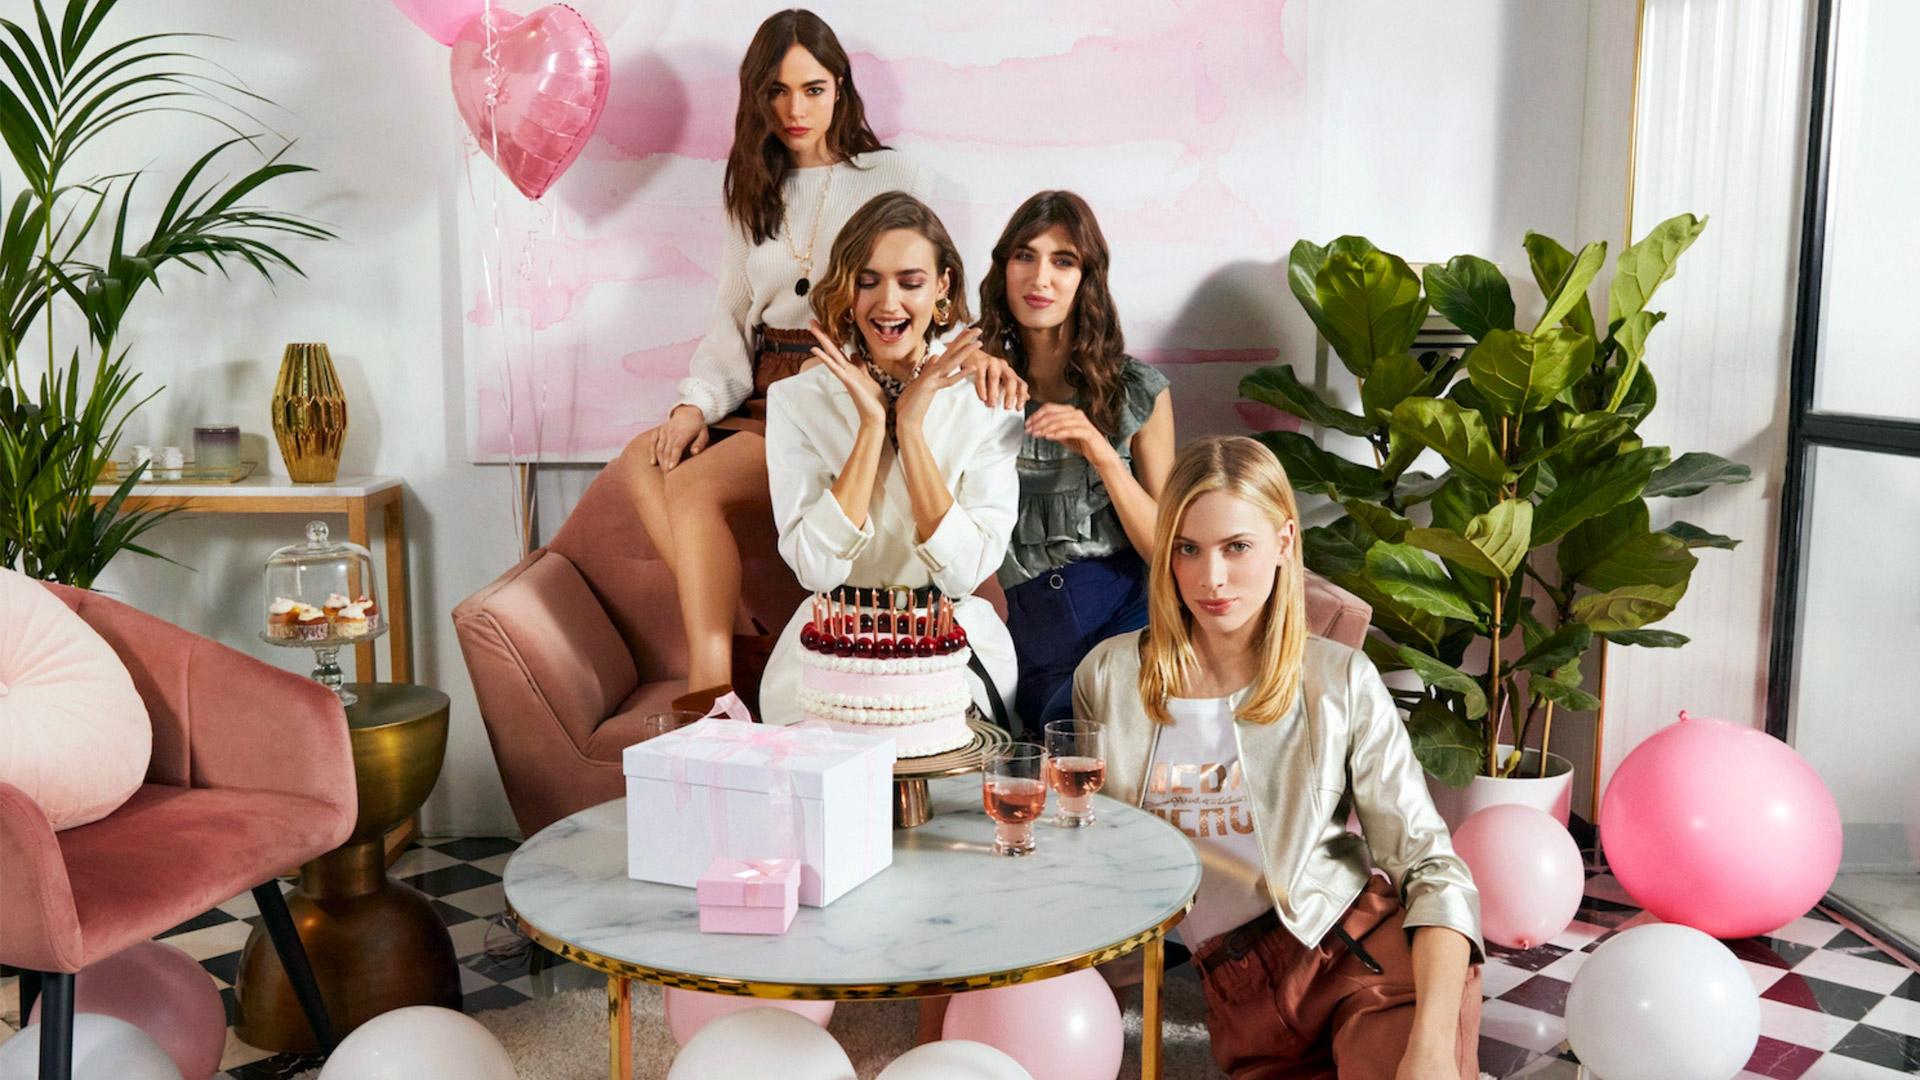 Motivi Loveft: quando la moda diventa una web series